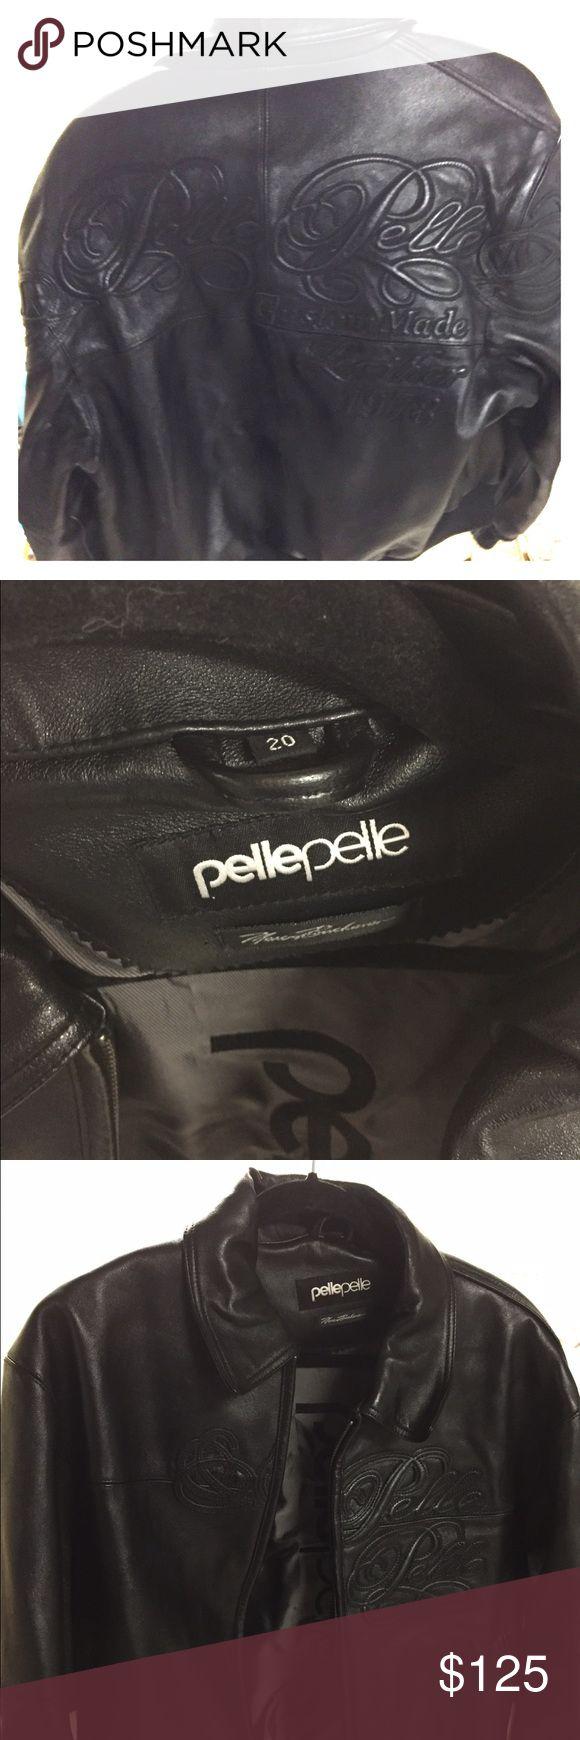 Pelle pelle leather jacket Mint heavy duty pelle pelle heavy duty leather jacket. Size 20 pelle pelle Jackets & Coats Puffers